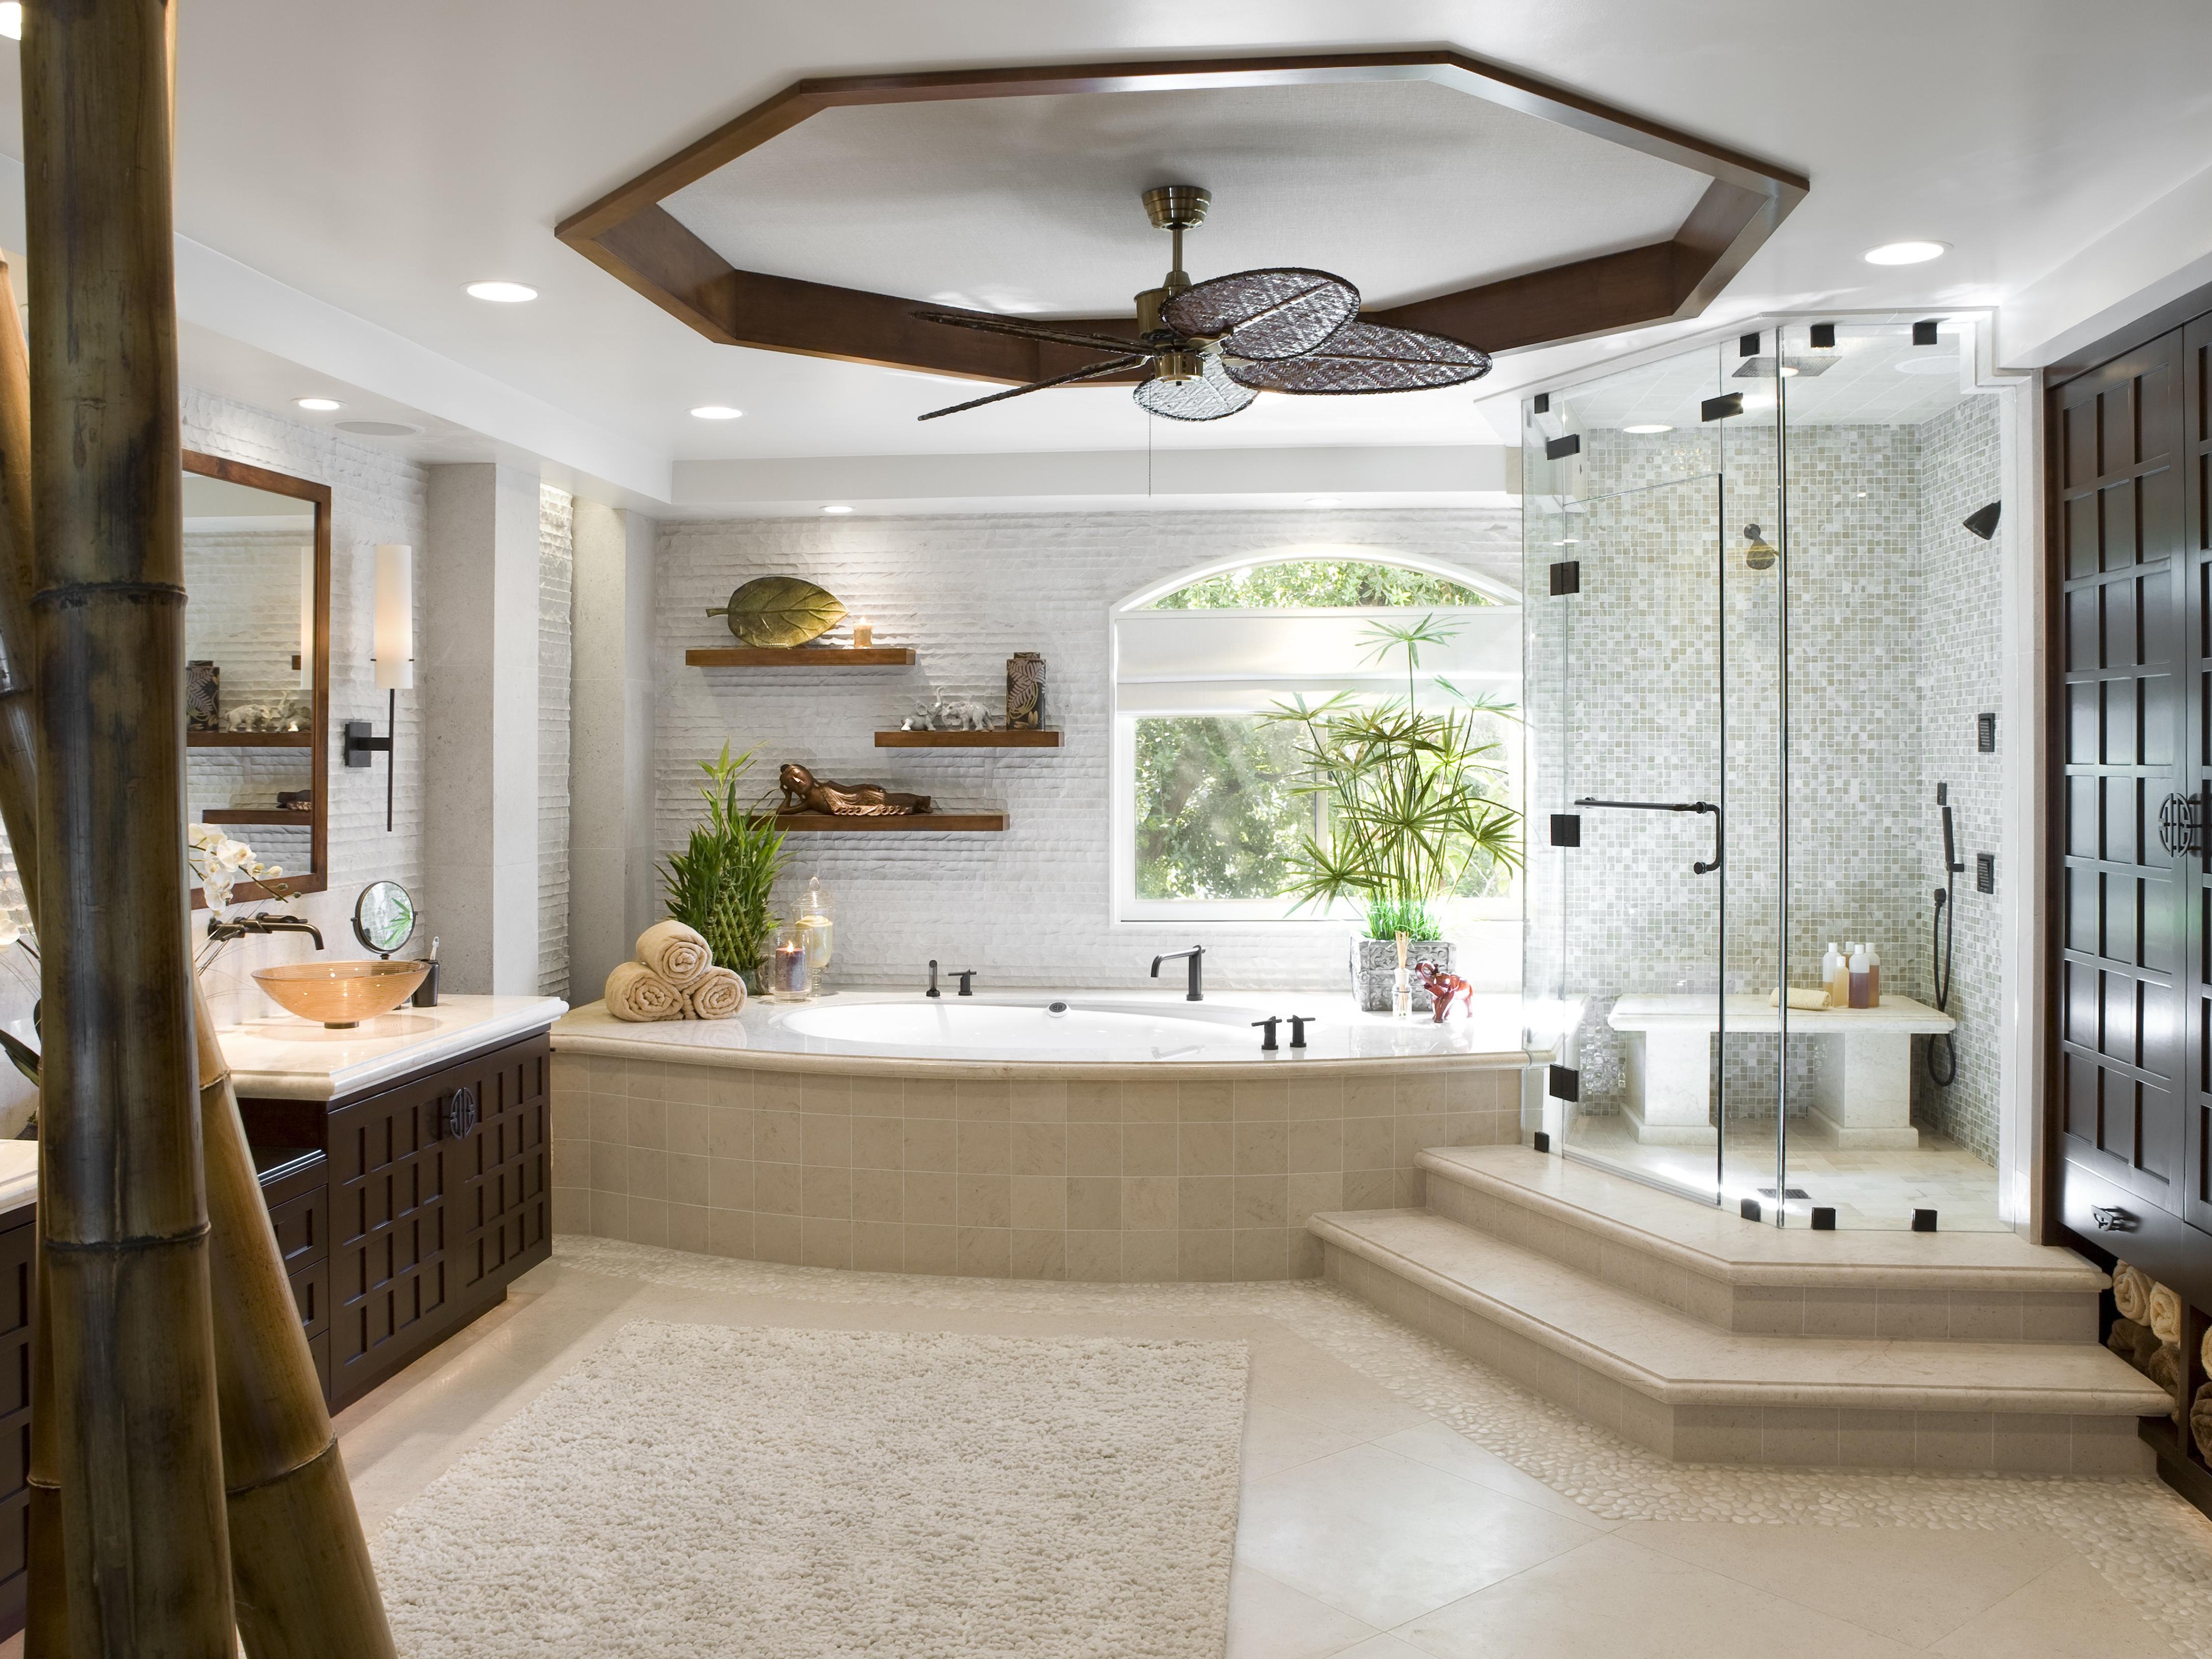 Дизайн ванной комнаты Фото 2017 Современные